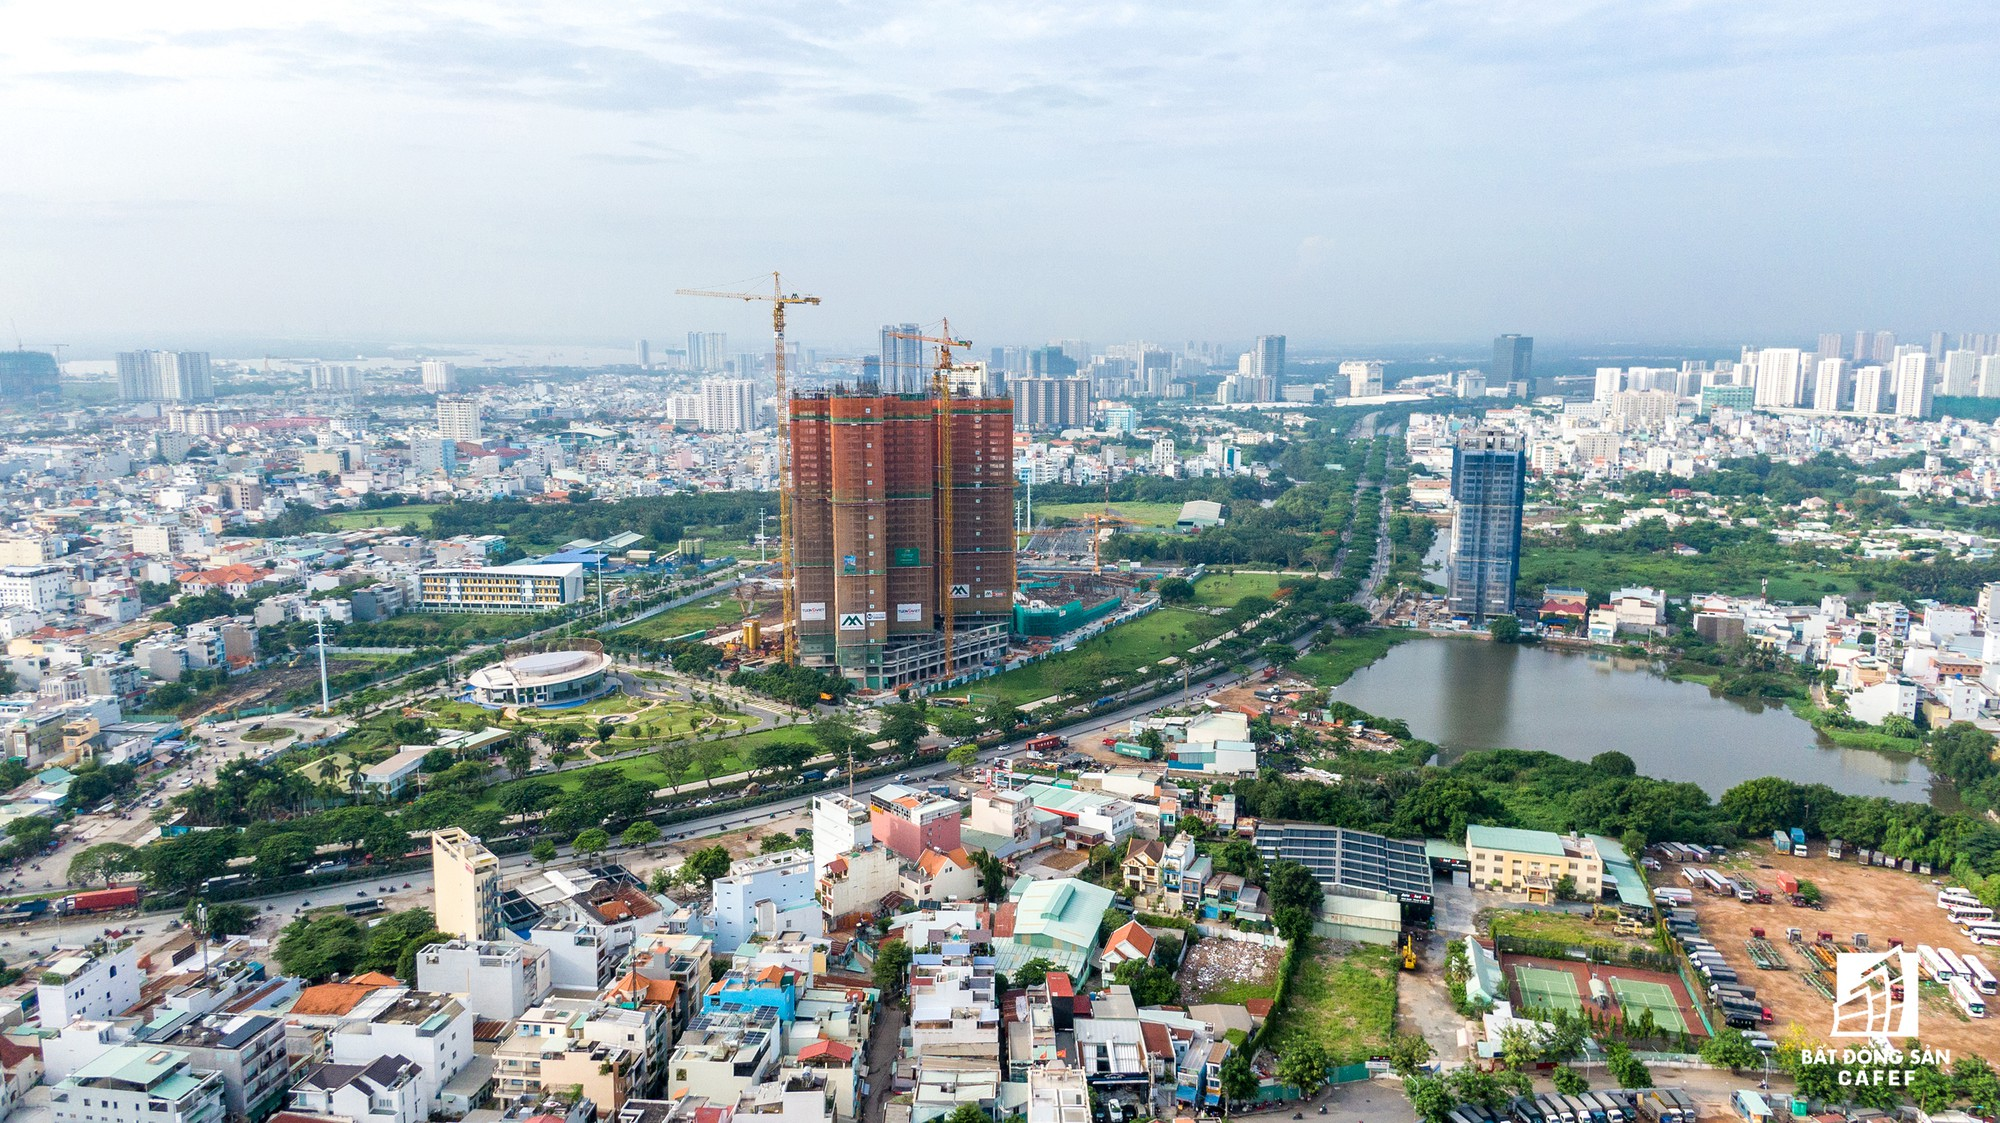 Toàn cảnh đại lộ tỷ đô đã tạo nên một thị trường bất động sản rất riêng cho khu Nam Sài Gòn - Ảnh 16.